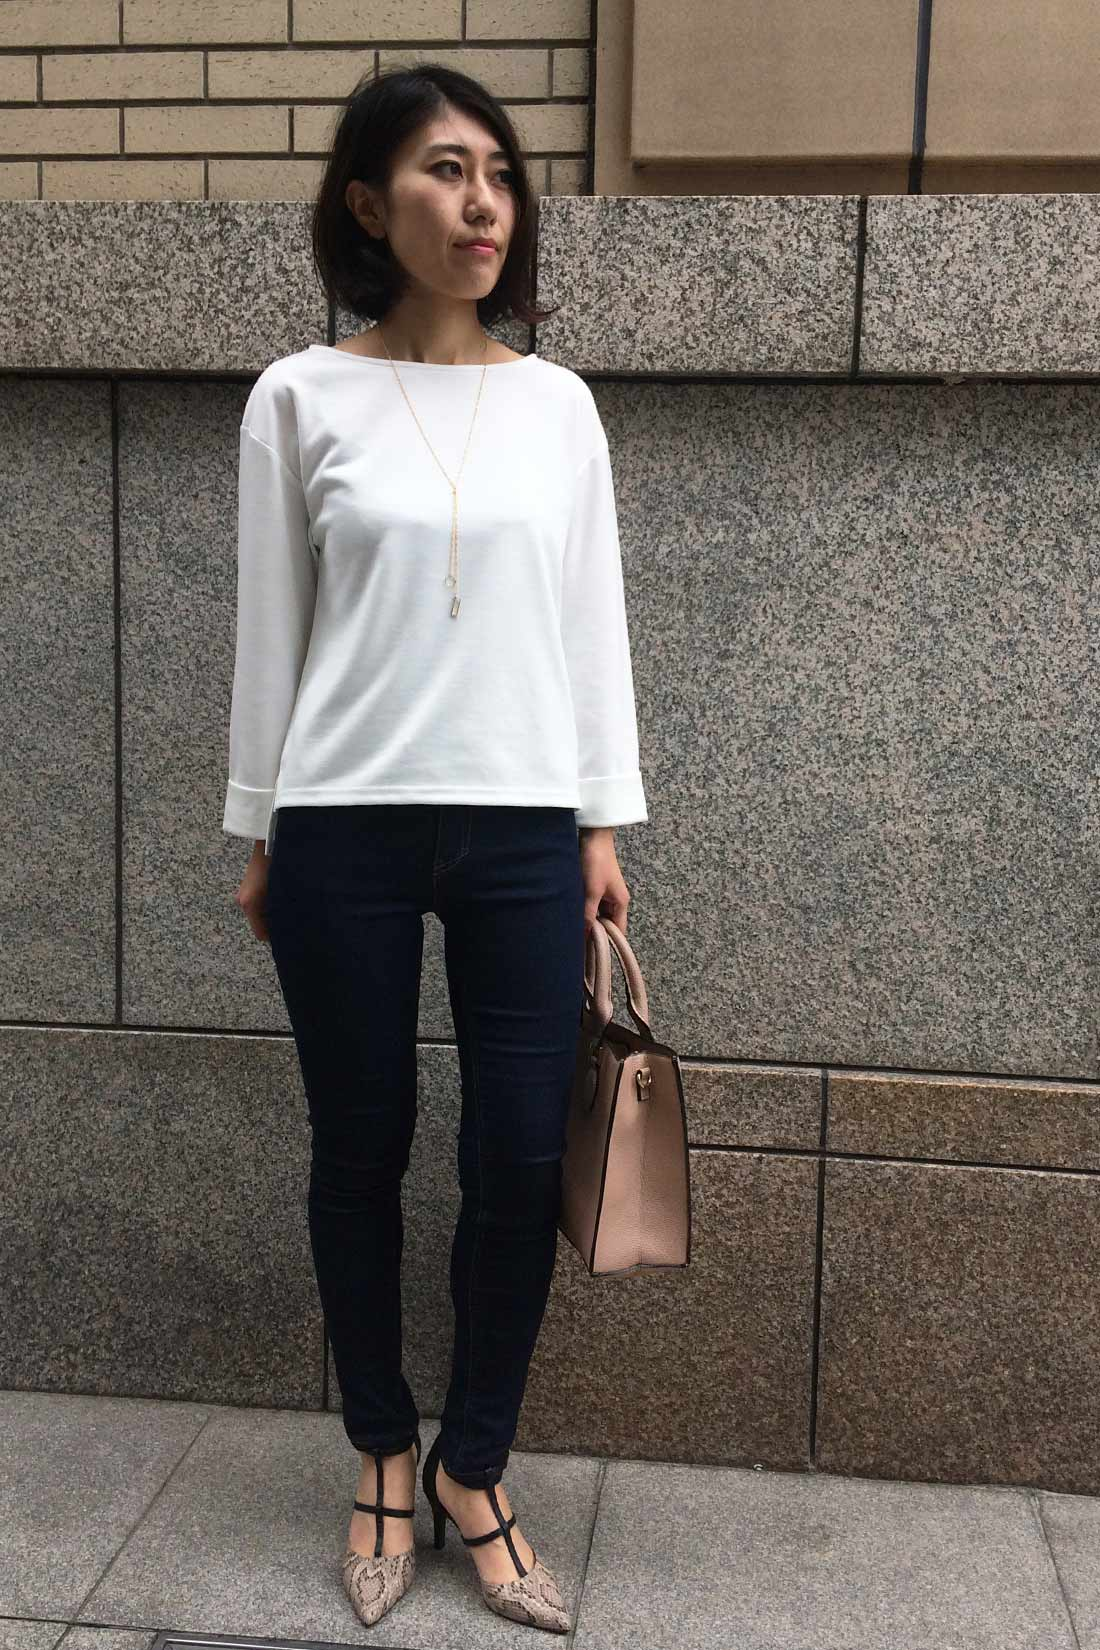 スタッフ着用 身長:166㎝ 着用サイズ:M ※お届けするカラーとは異なります。